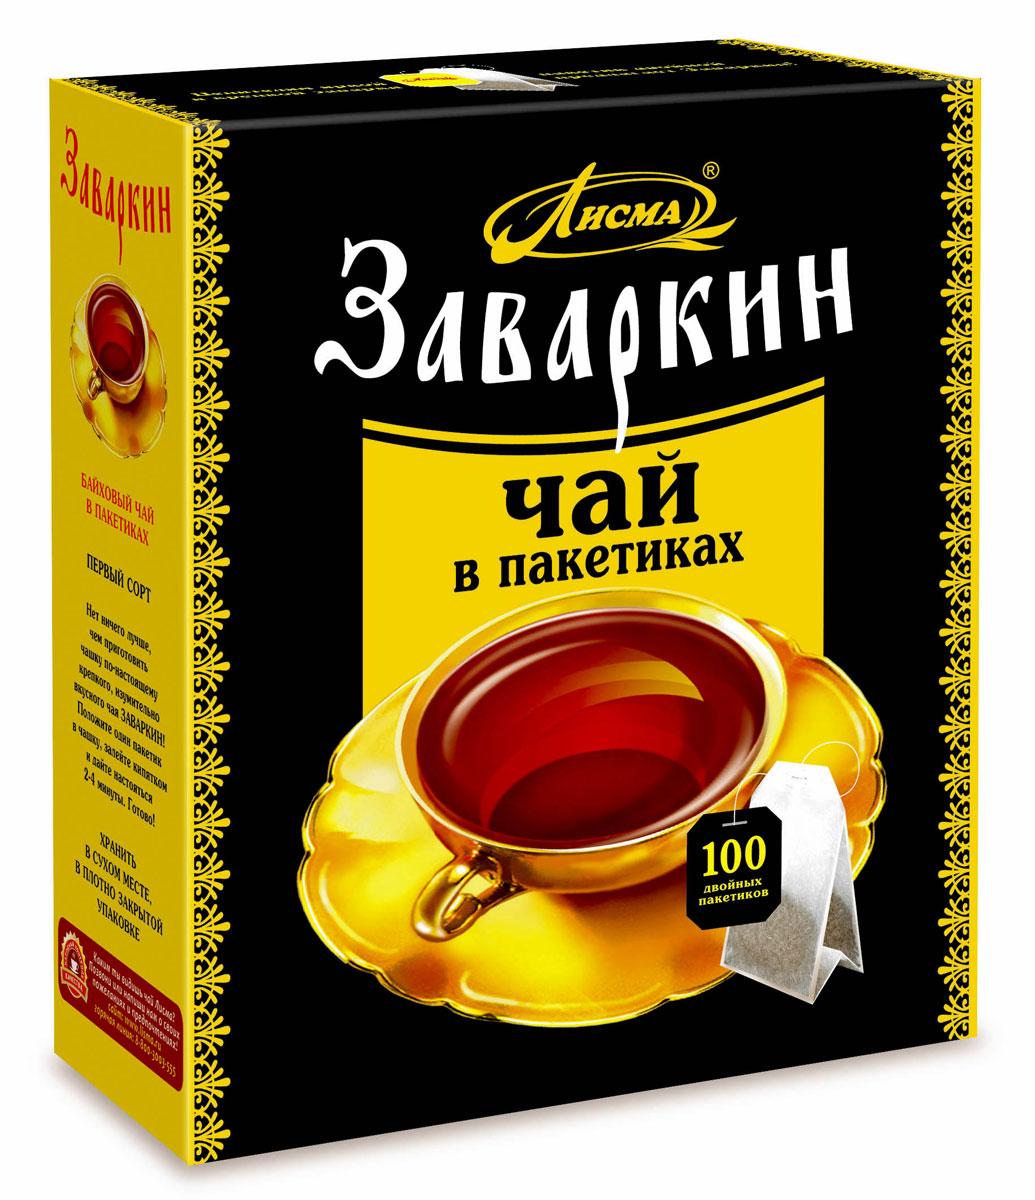 Лисма Заваркин черный чай в пакетиках, 100 шт майский черный бриллиант черный чай в пакетиках 100 шт